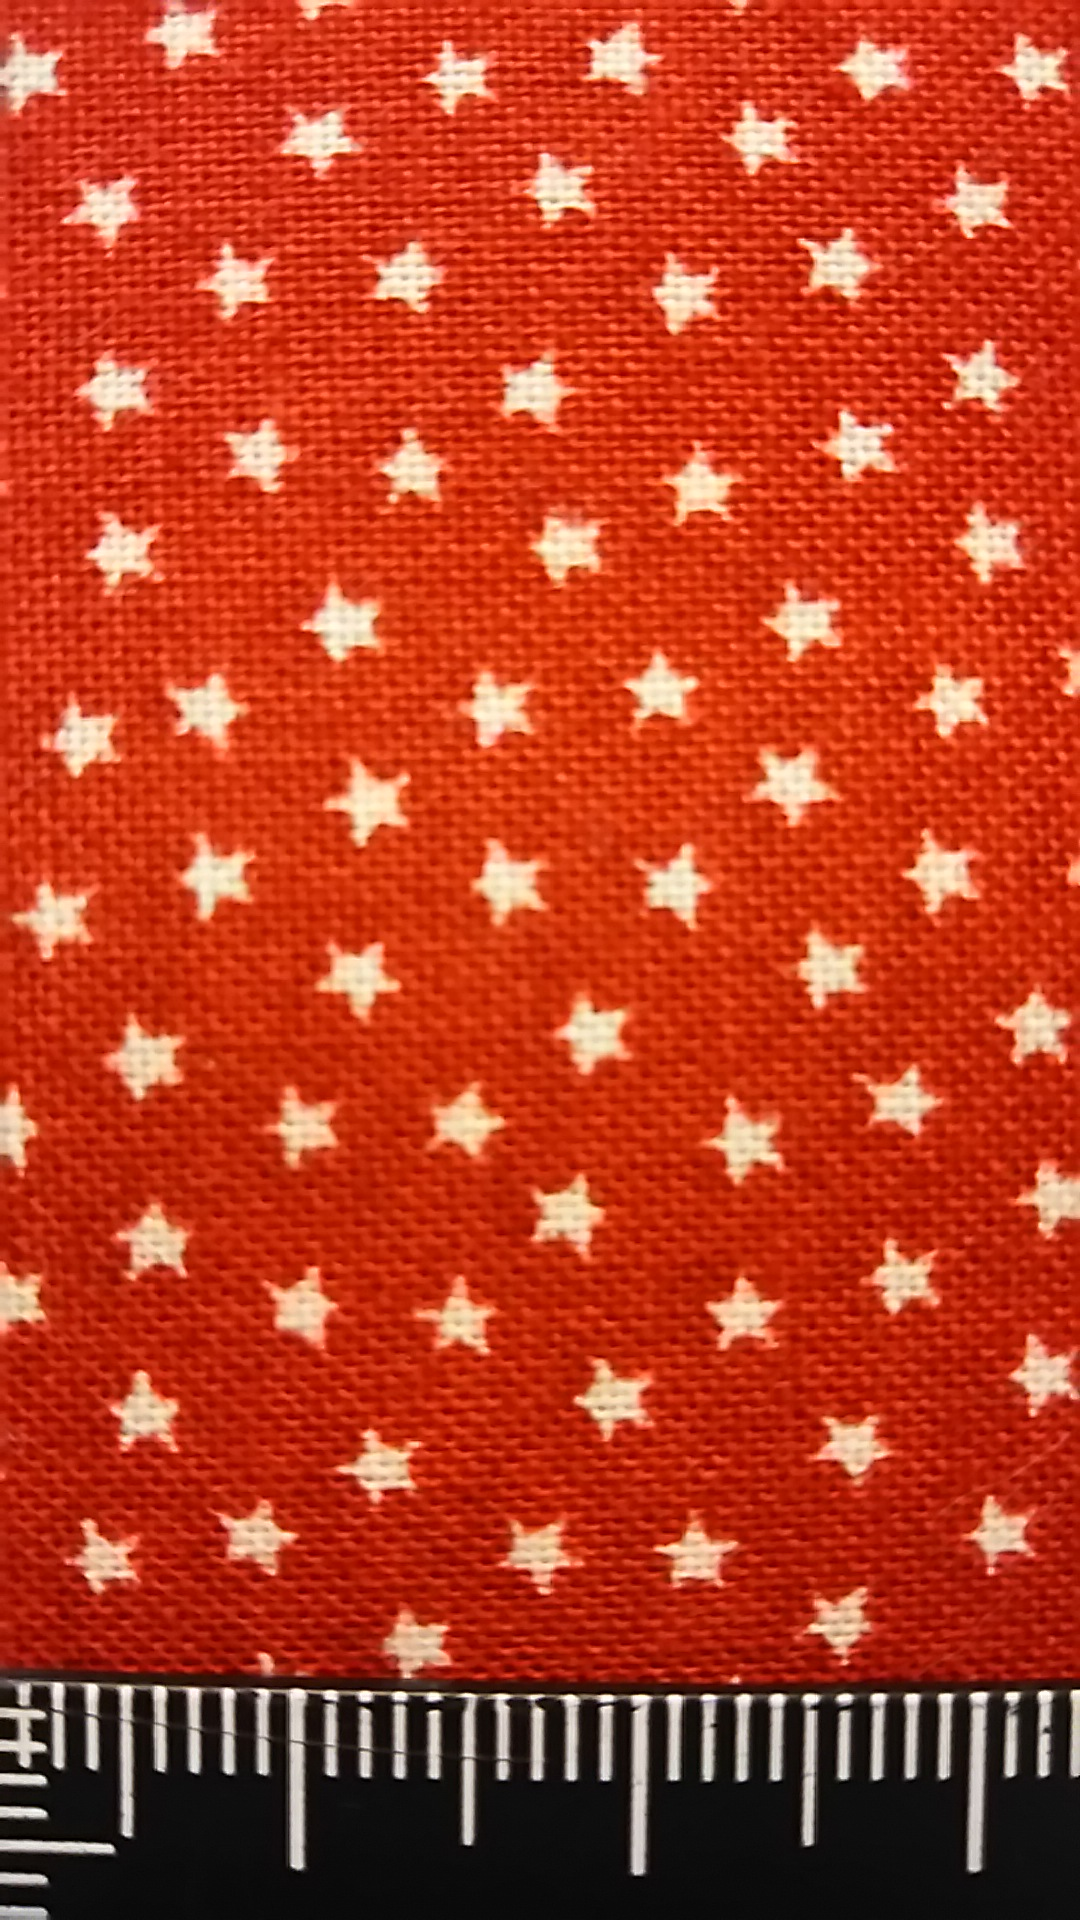 赤地星柄の布地